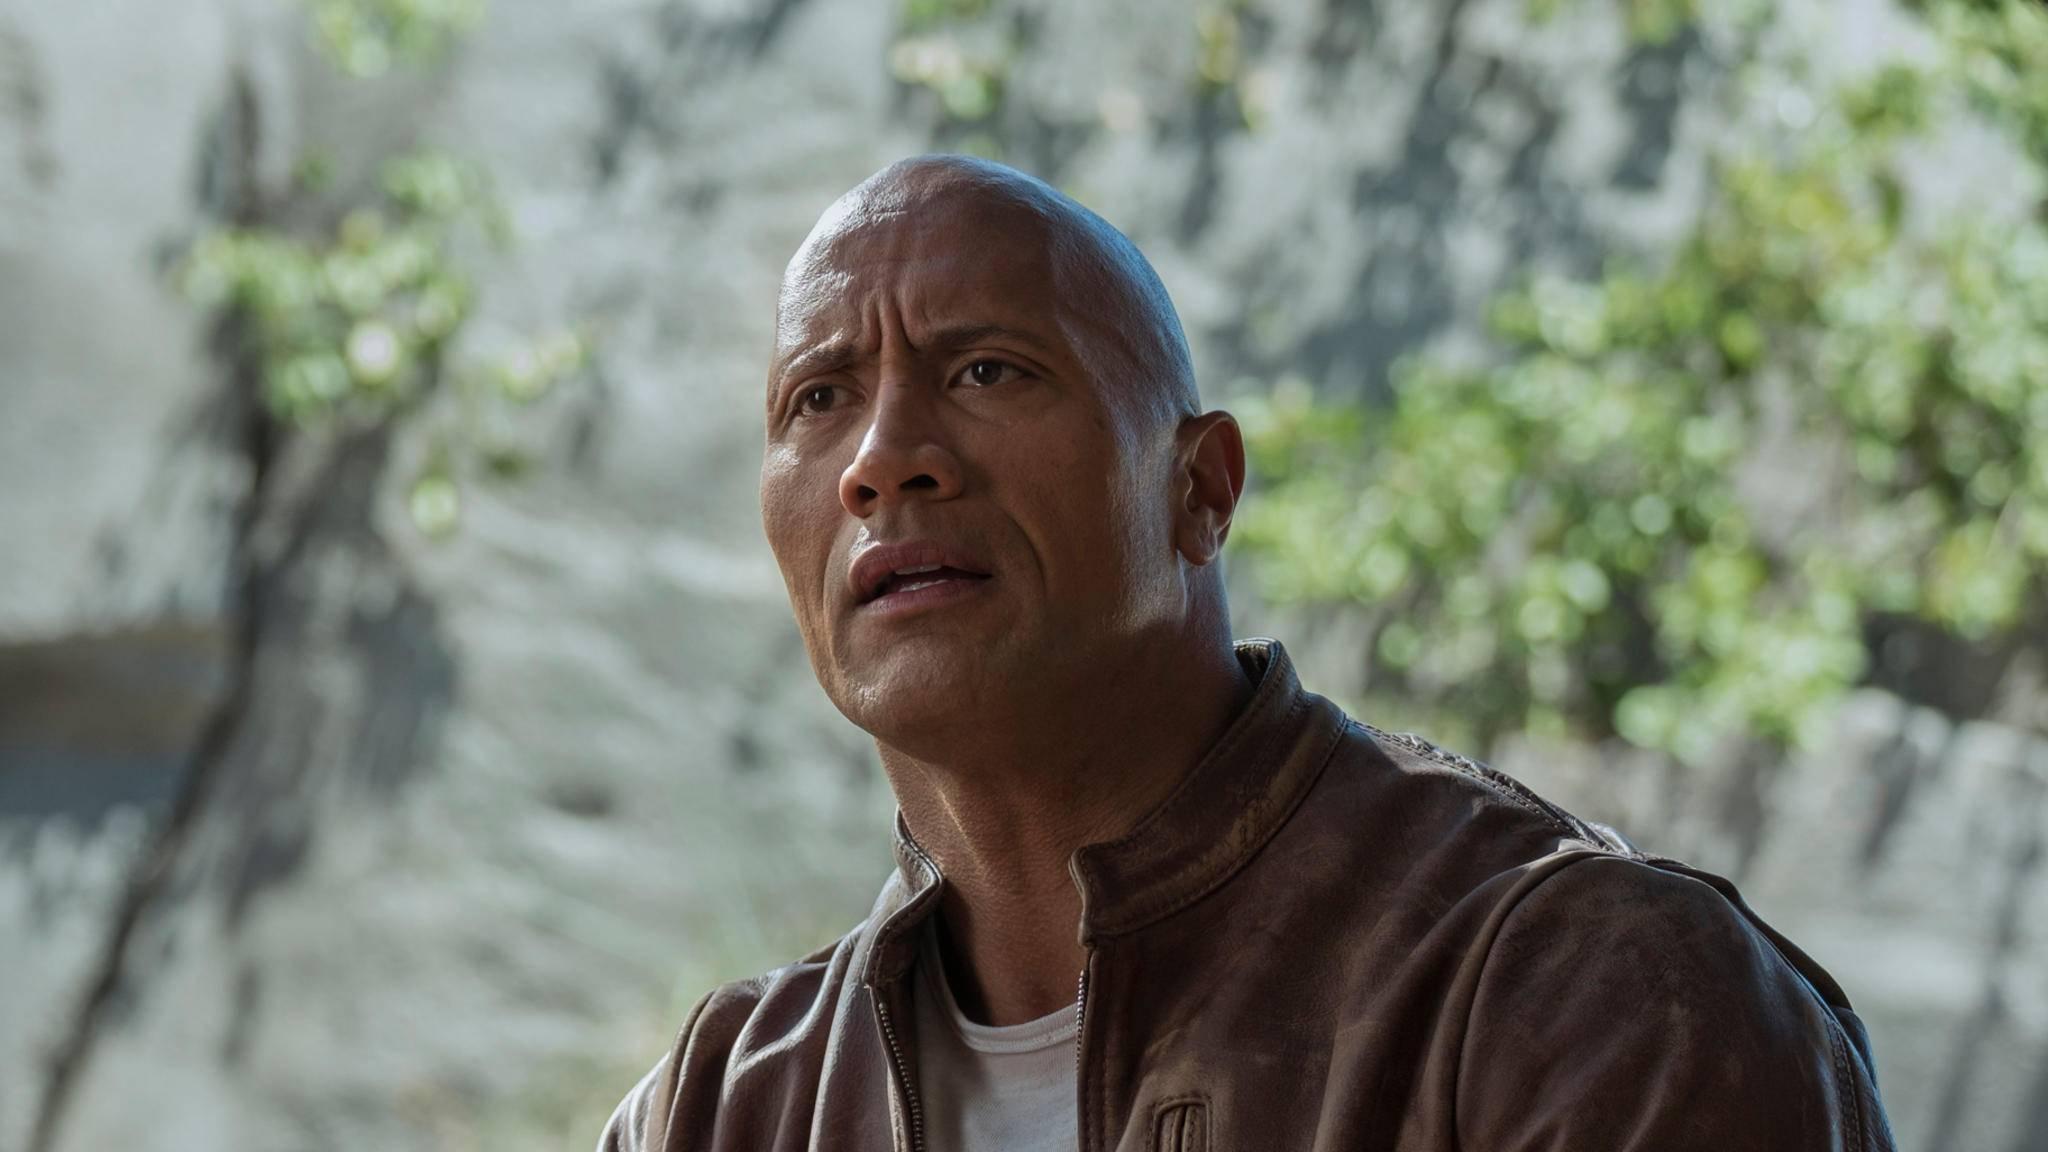 """Ach komm, Dwayne! Deine Schauspielkarriere läuft doch bestens ... Wer braucht da schon """"Jack Reacher""""?"""